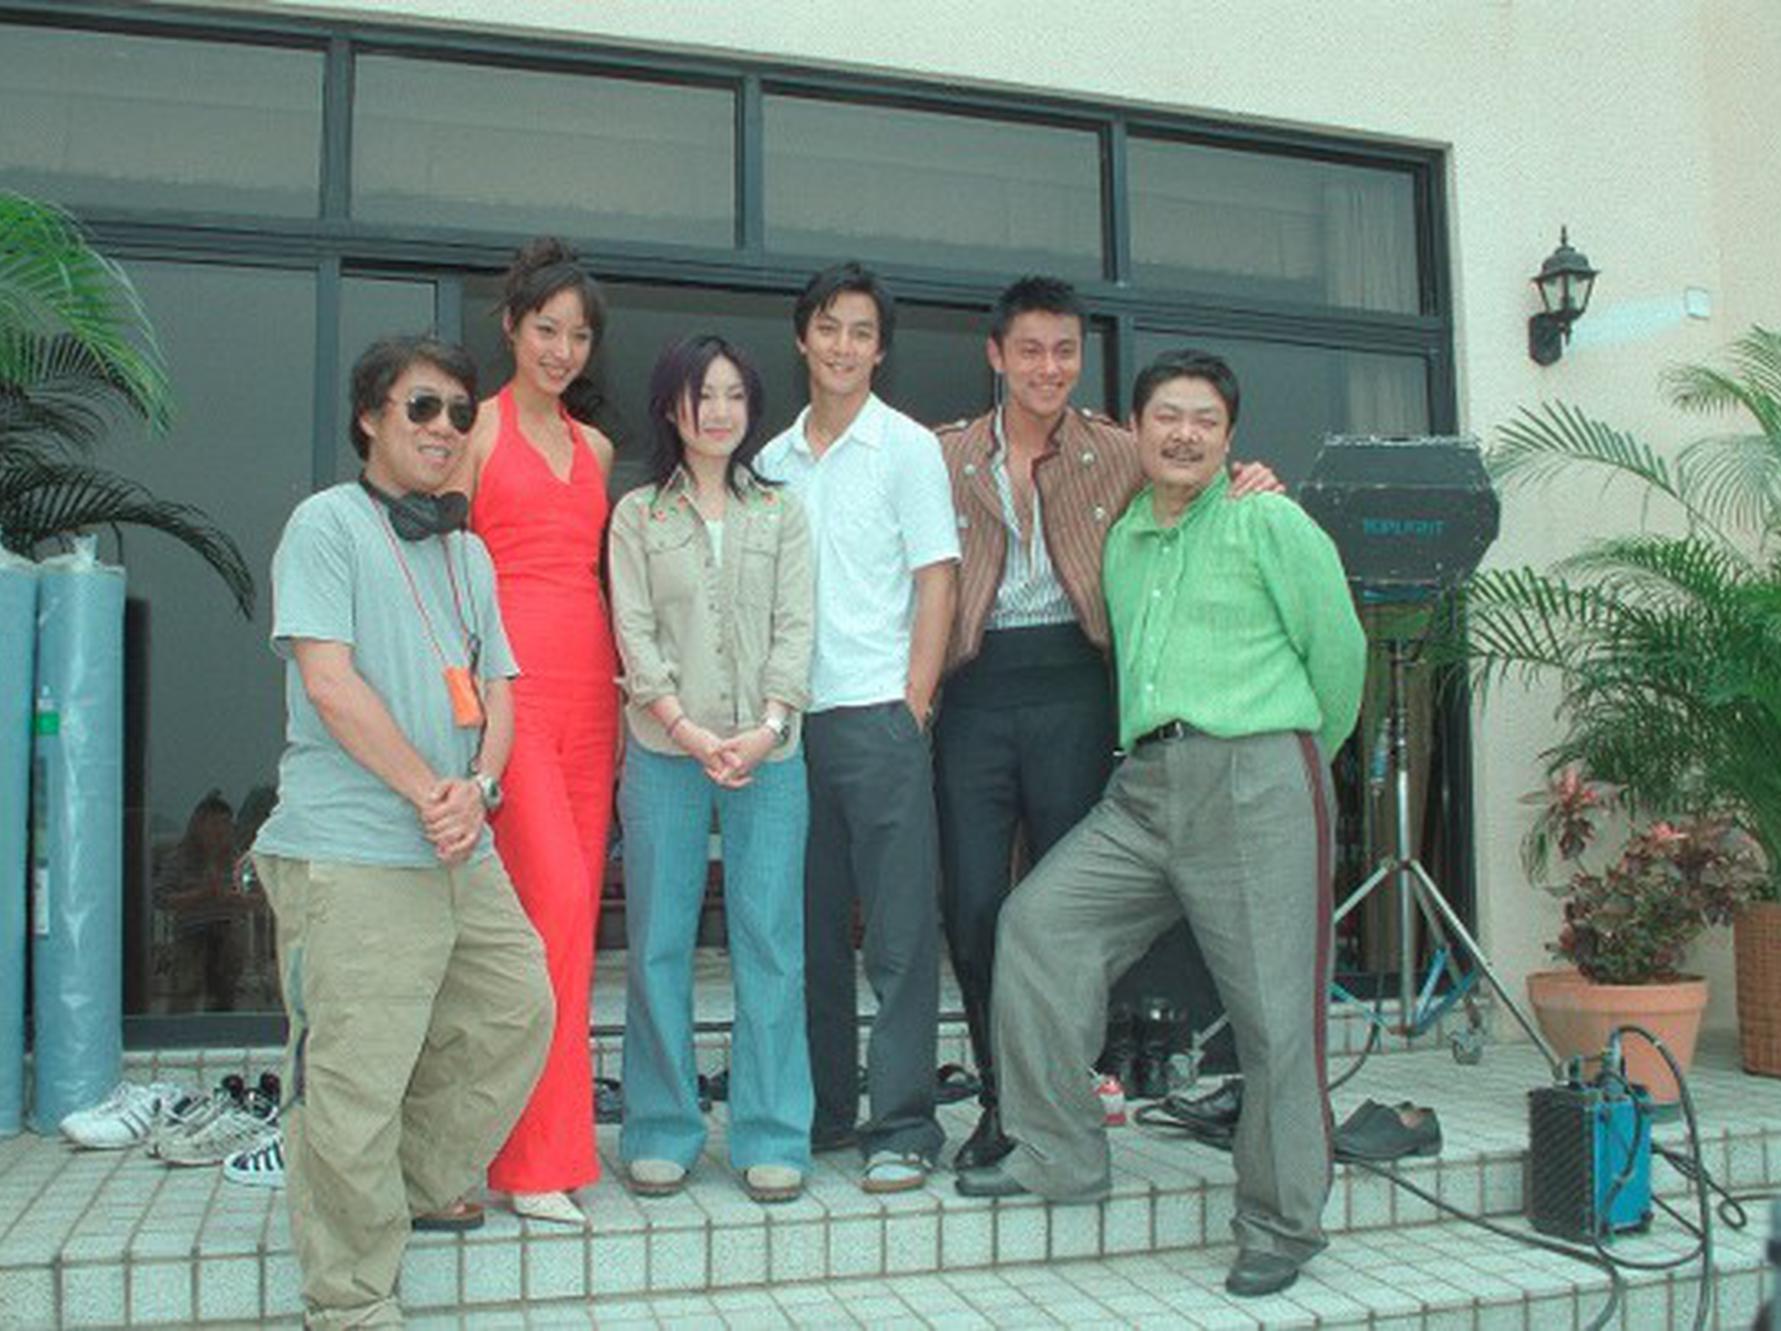 蒋怡(左二)同黄浩然(右二)曾于2003年配相符拍摄电影《新扎师妹2时兴义务》。